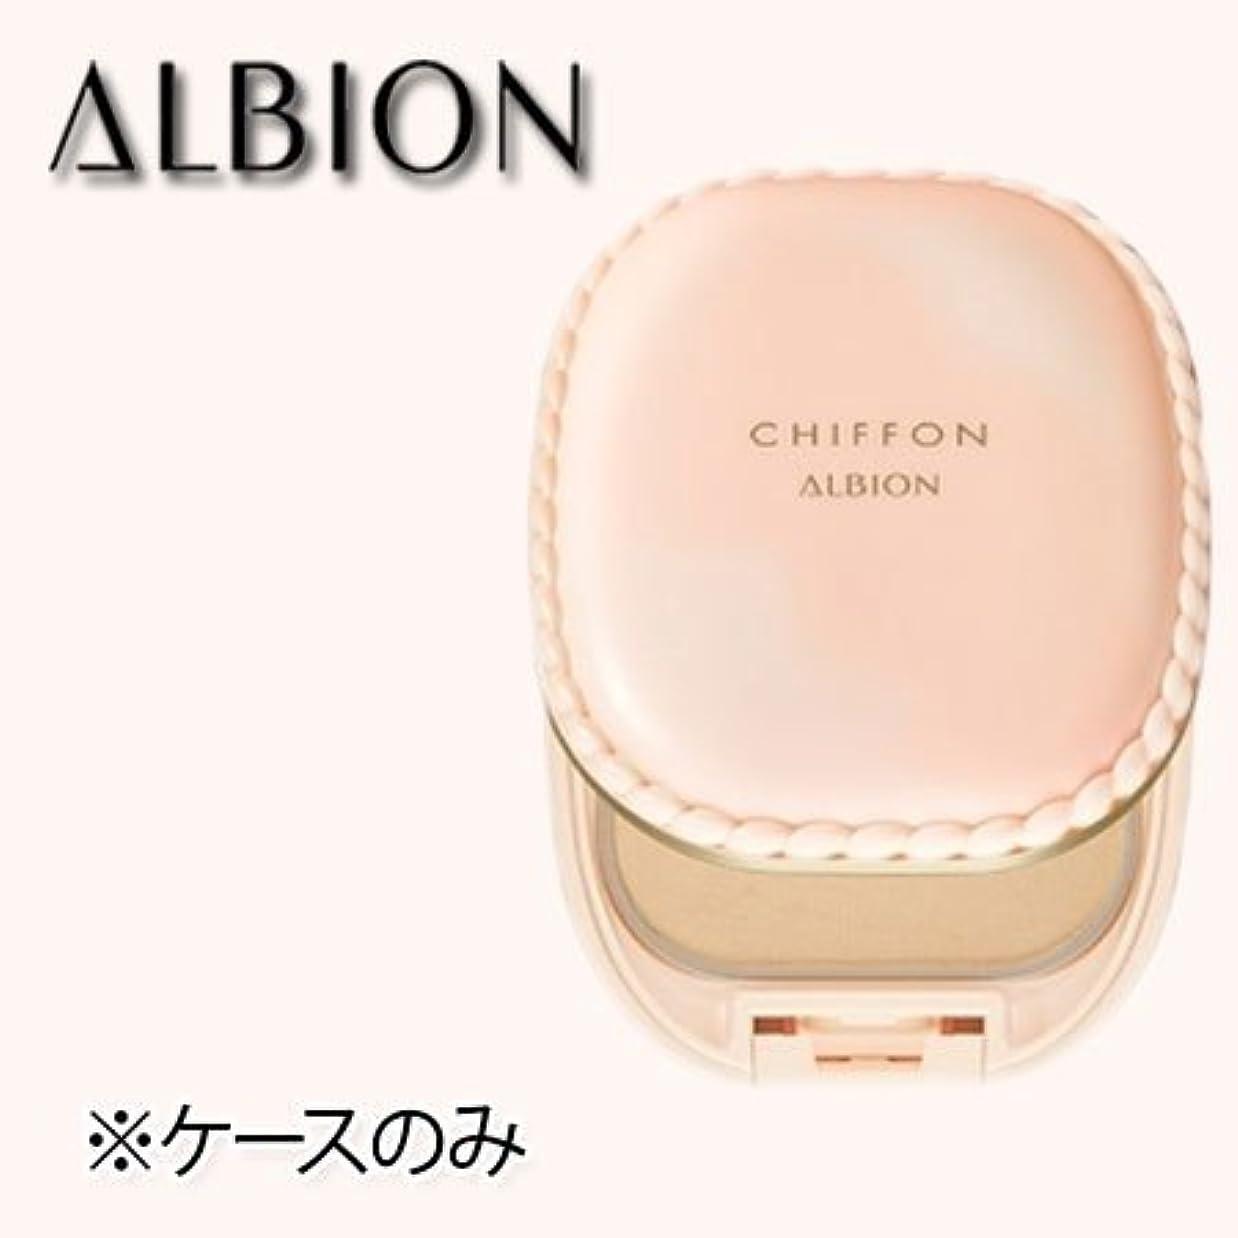 出費お風呂デイジーアルビオン スウィート モイスチュア シフォンケース (マット付ケース) -ALBION-